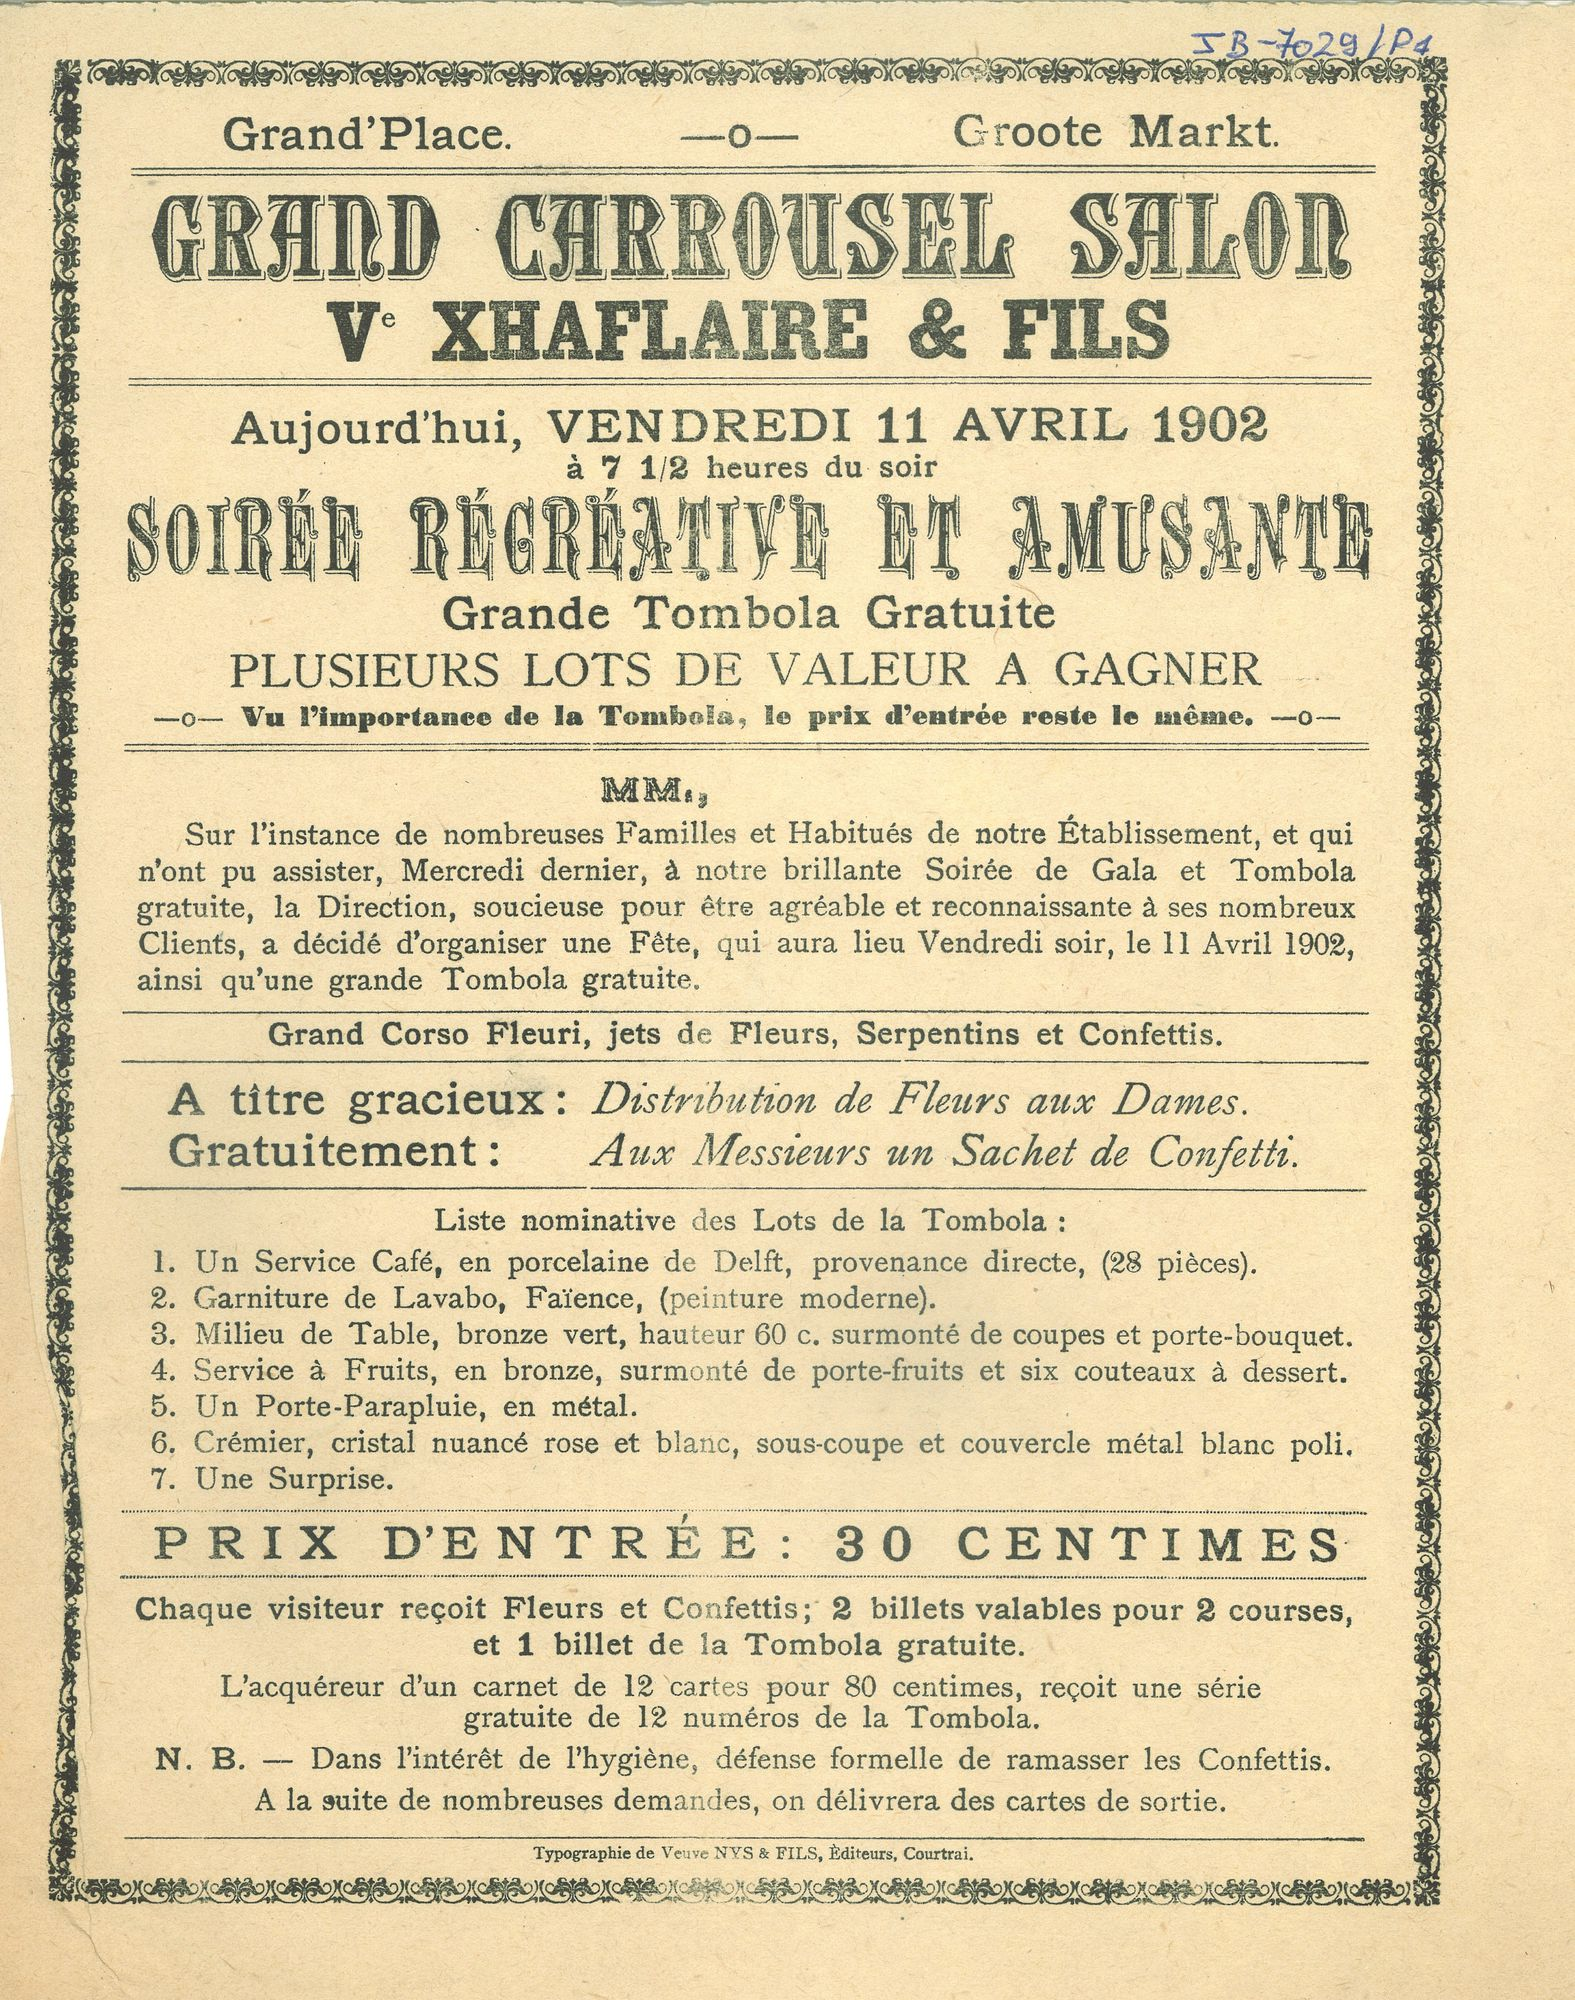 Paasfoor 1902: Grand Carrousel Salon